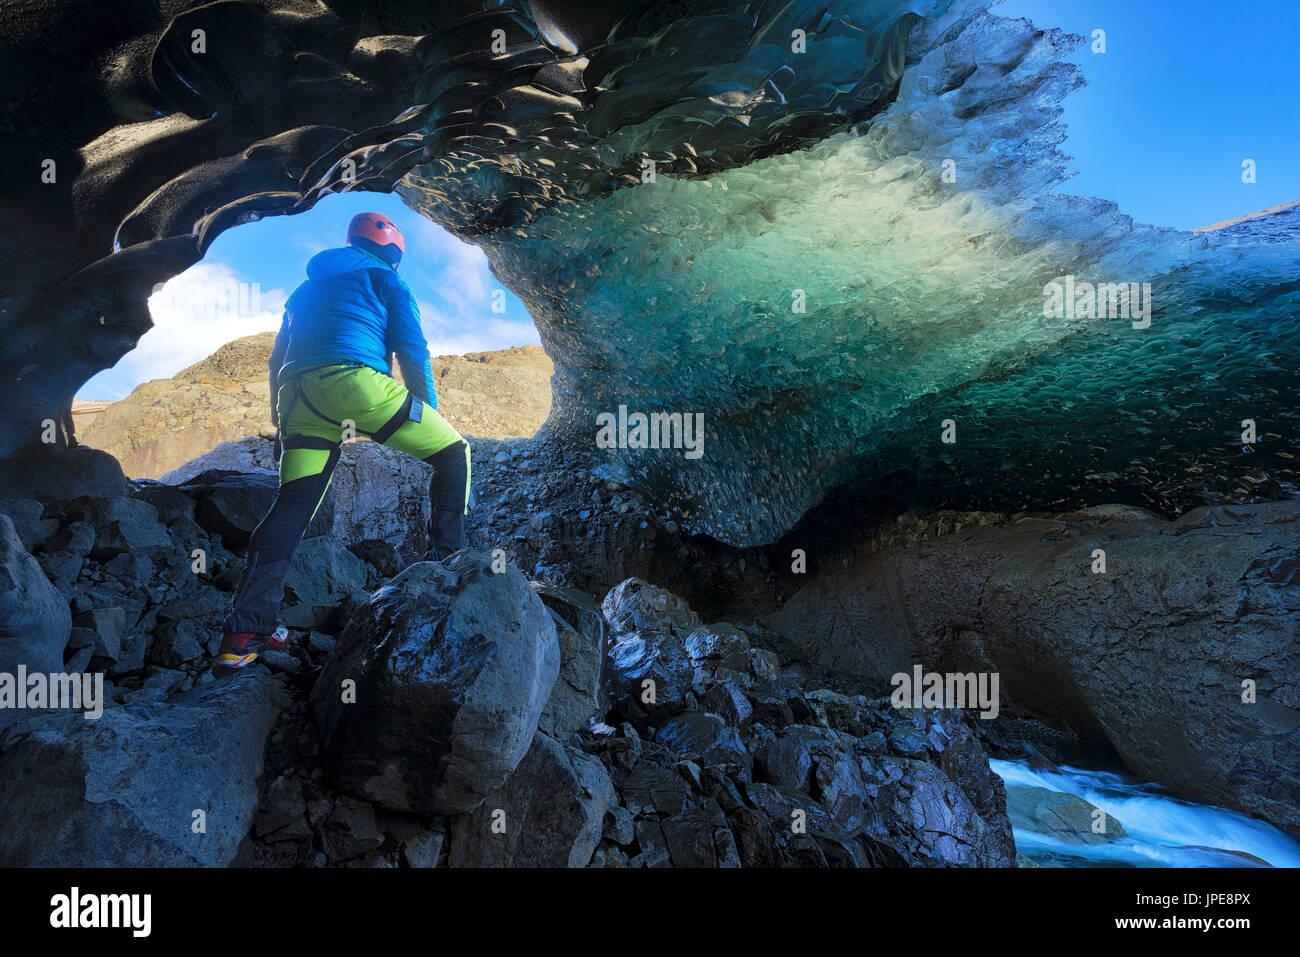 Parque Nacional Skaftafell, Islandia, Europa. Hombre admirar la cueva de hielo cristal azul bajo el glaciar Vatnajokull en invierno. Imagen De Stock